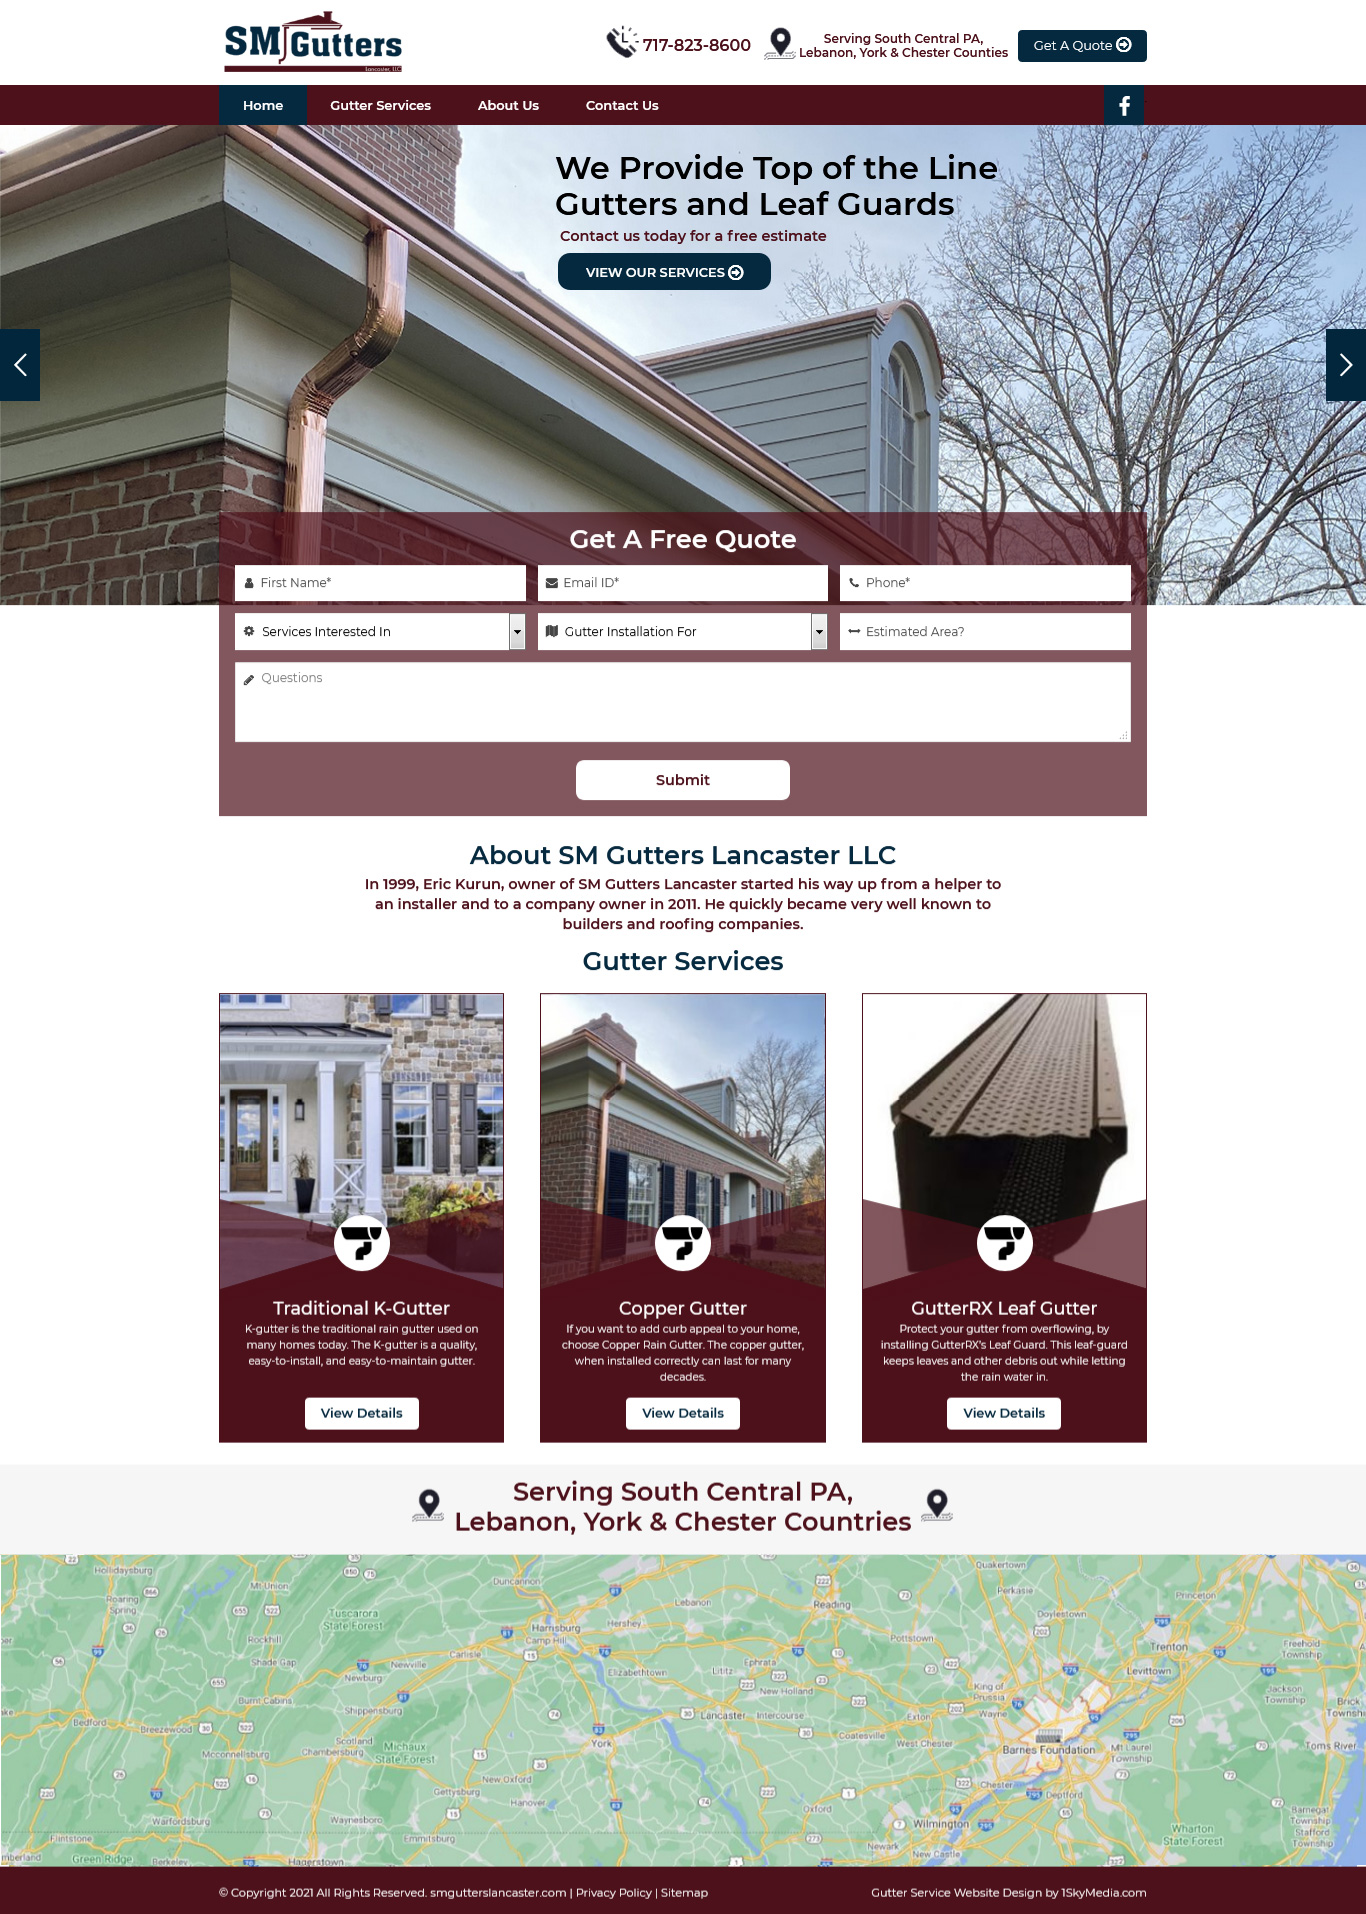 SM Gutters Lancaster Website Design